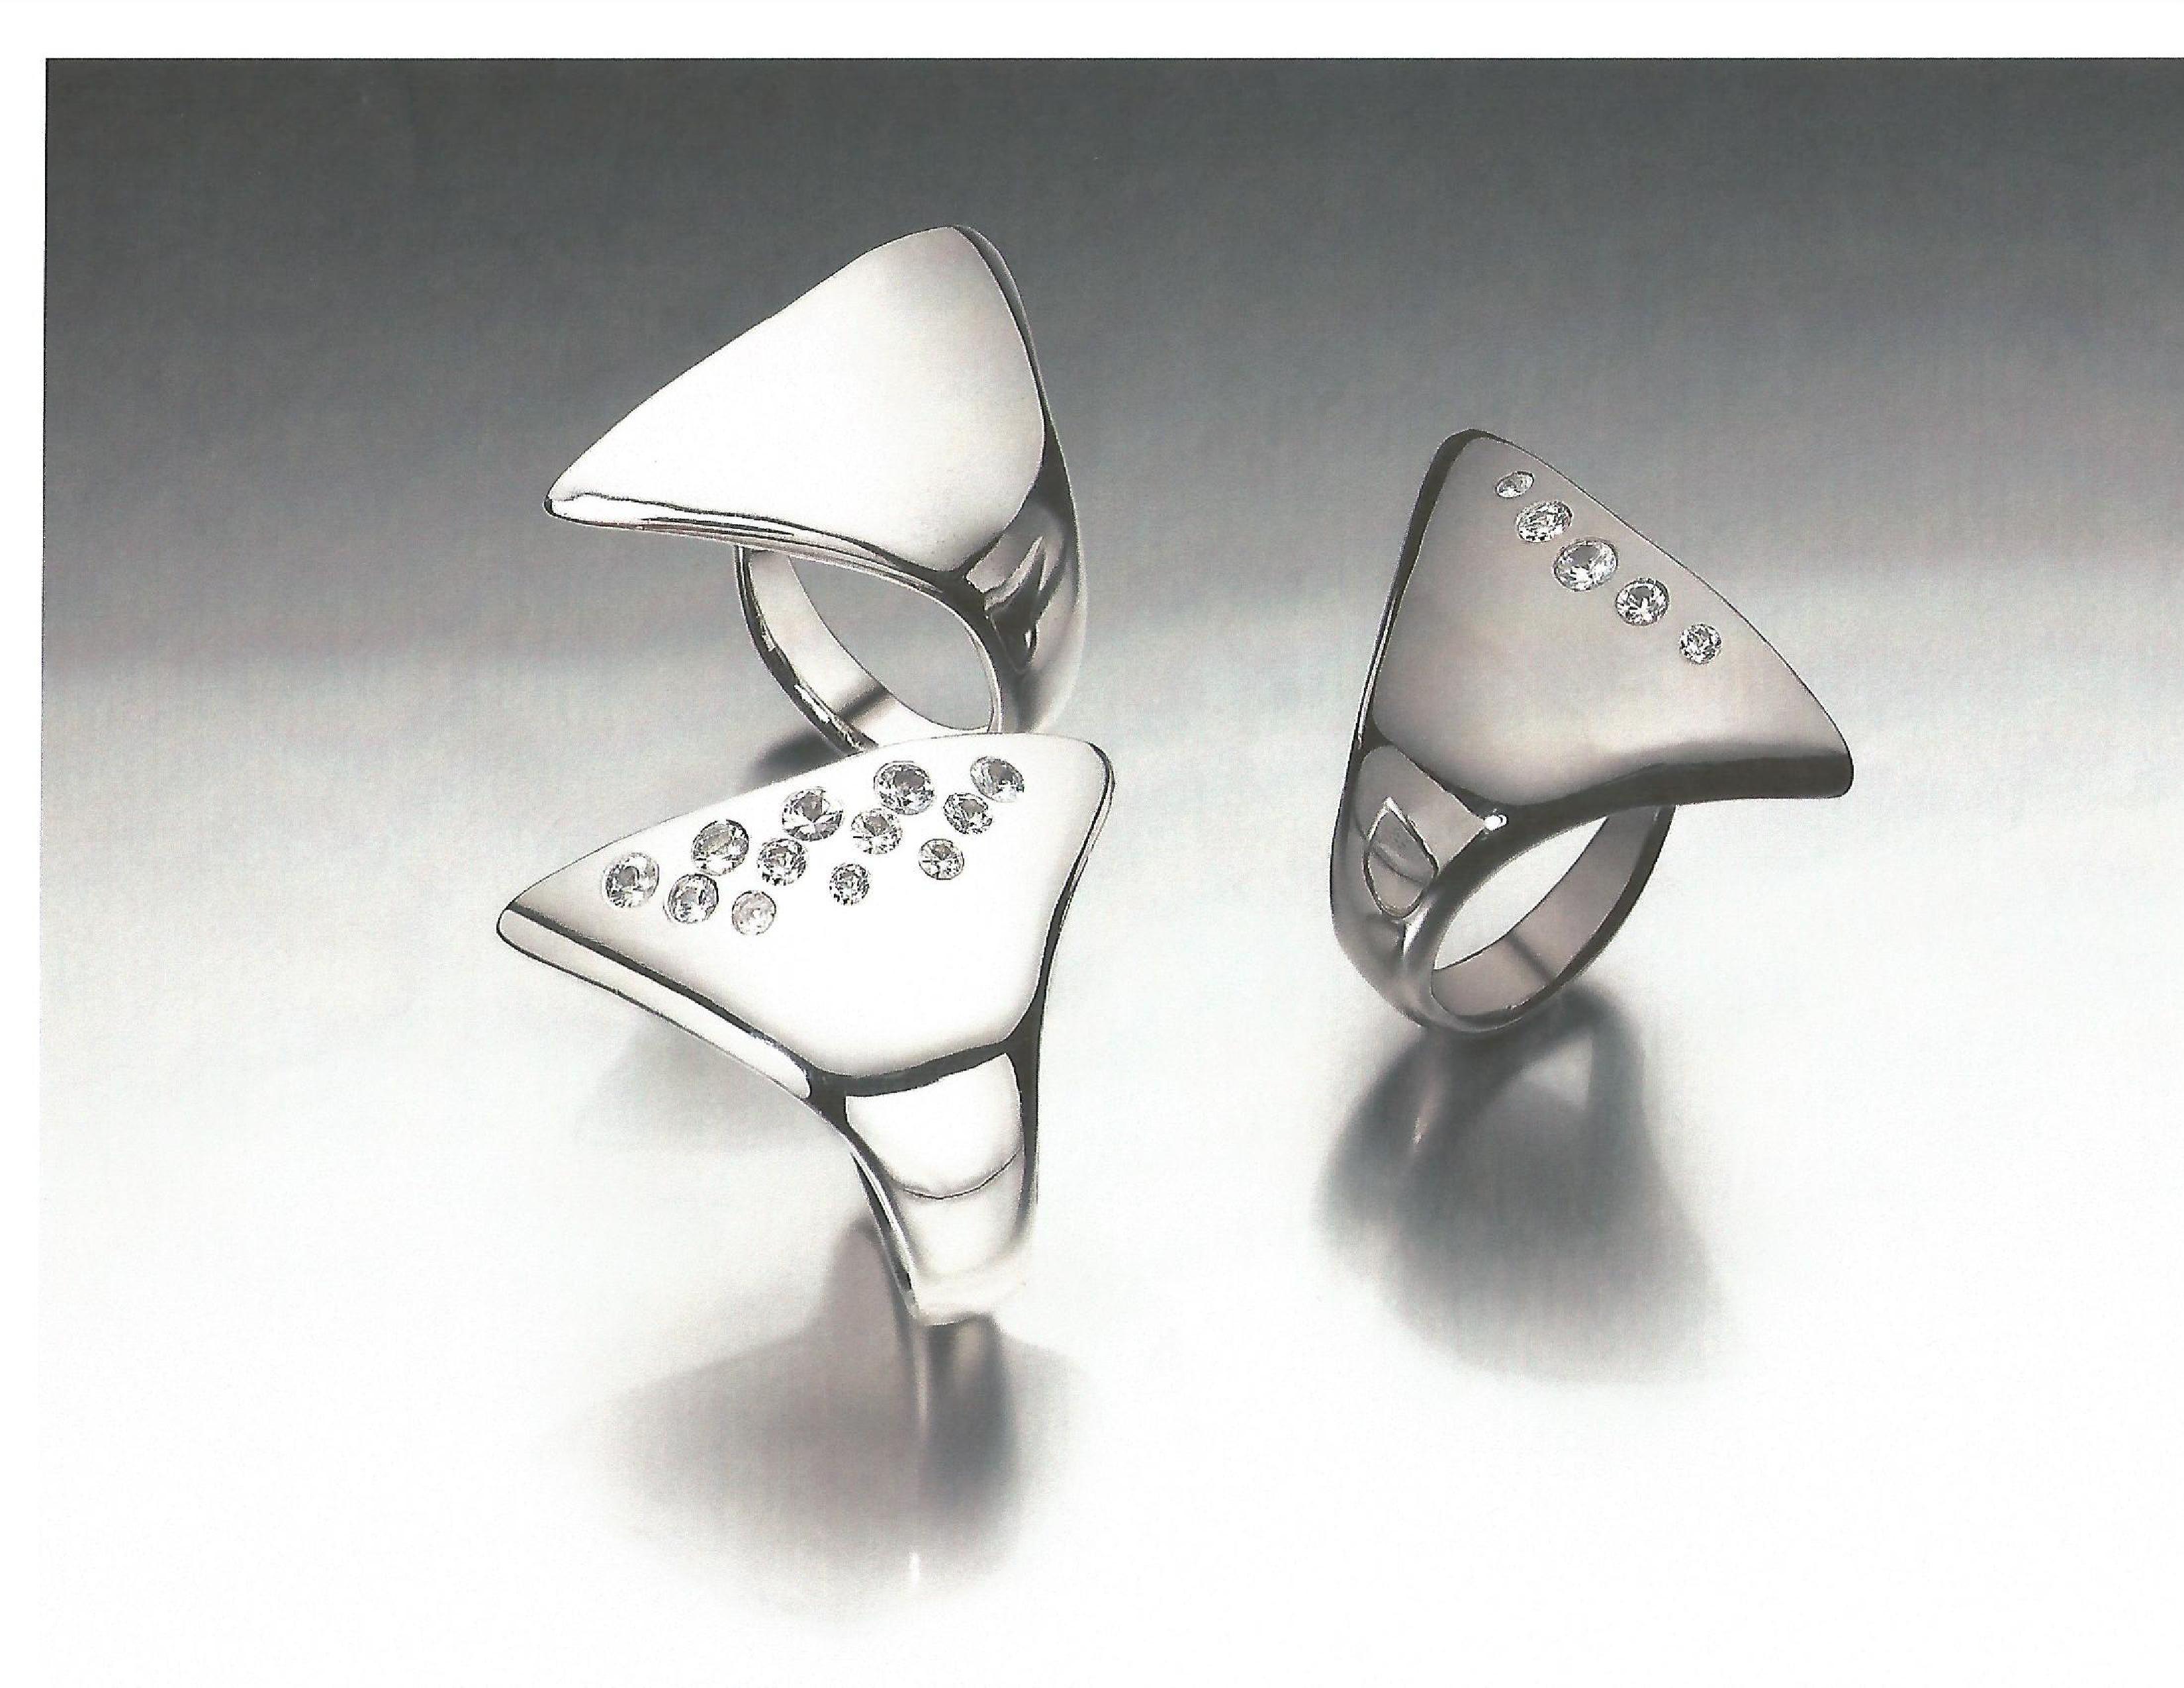 8c331c0b6e3 https   www.jewelleryfocus.co.uk 14307-hatton-garden-heist-20000 ...